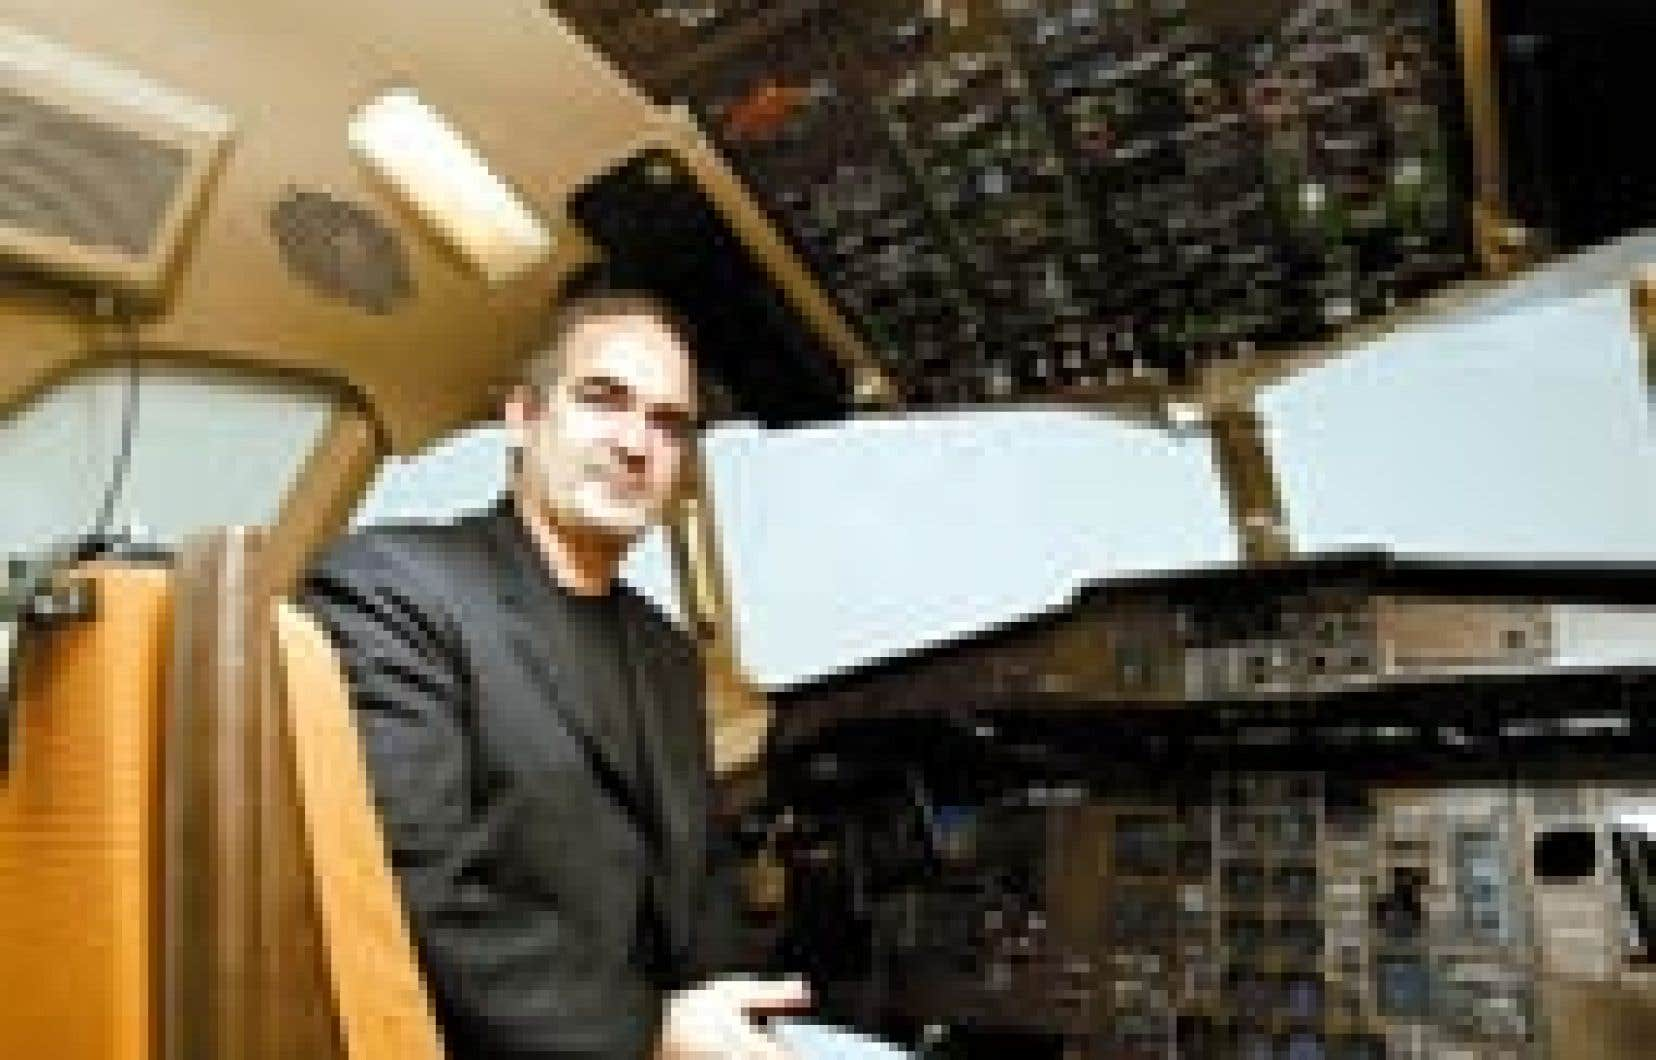 Xavier-Henri Hervé dans un des simulateurs de Mechtronix. Depuis 1997, l'entreprise a livré 100 simulateurs, dont dix au cours du dernier exercice financier. Les ventes se partagent également entre les marchés européen, américain et asiatique.